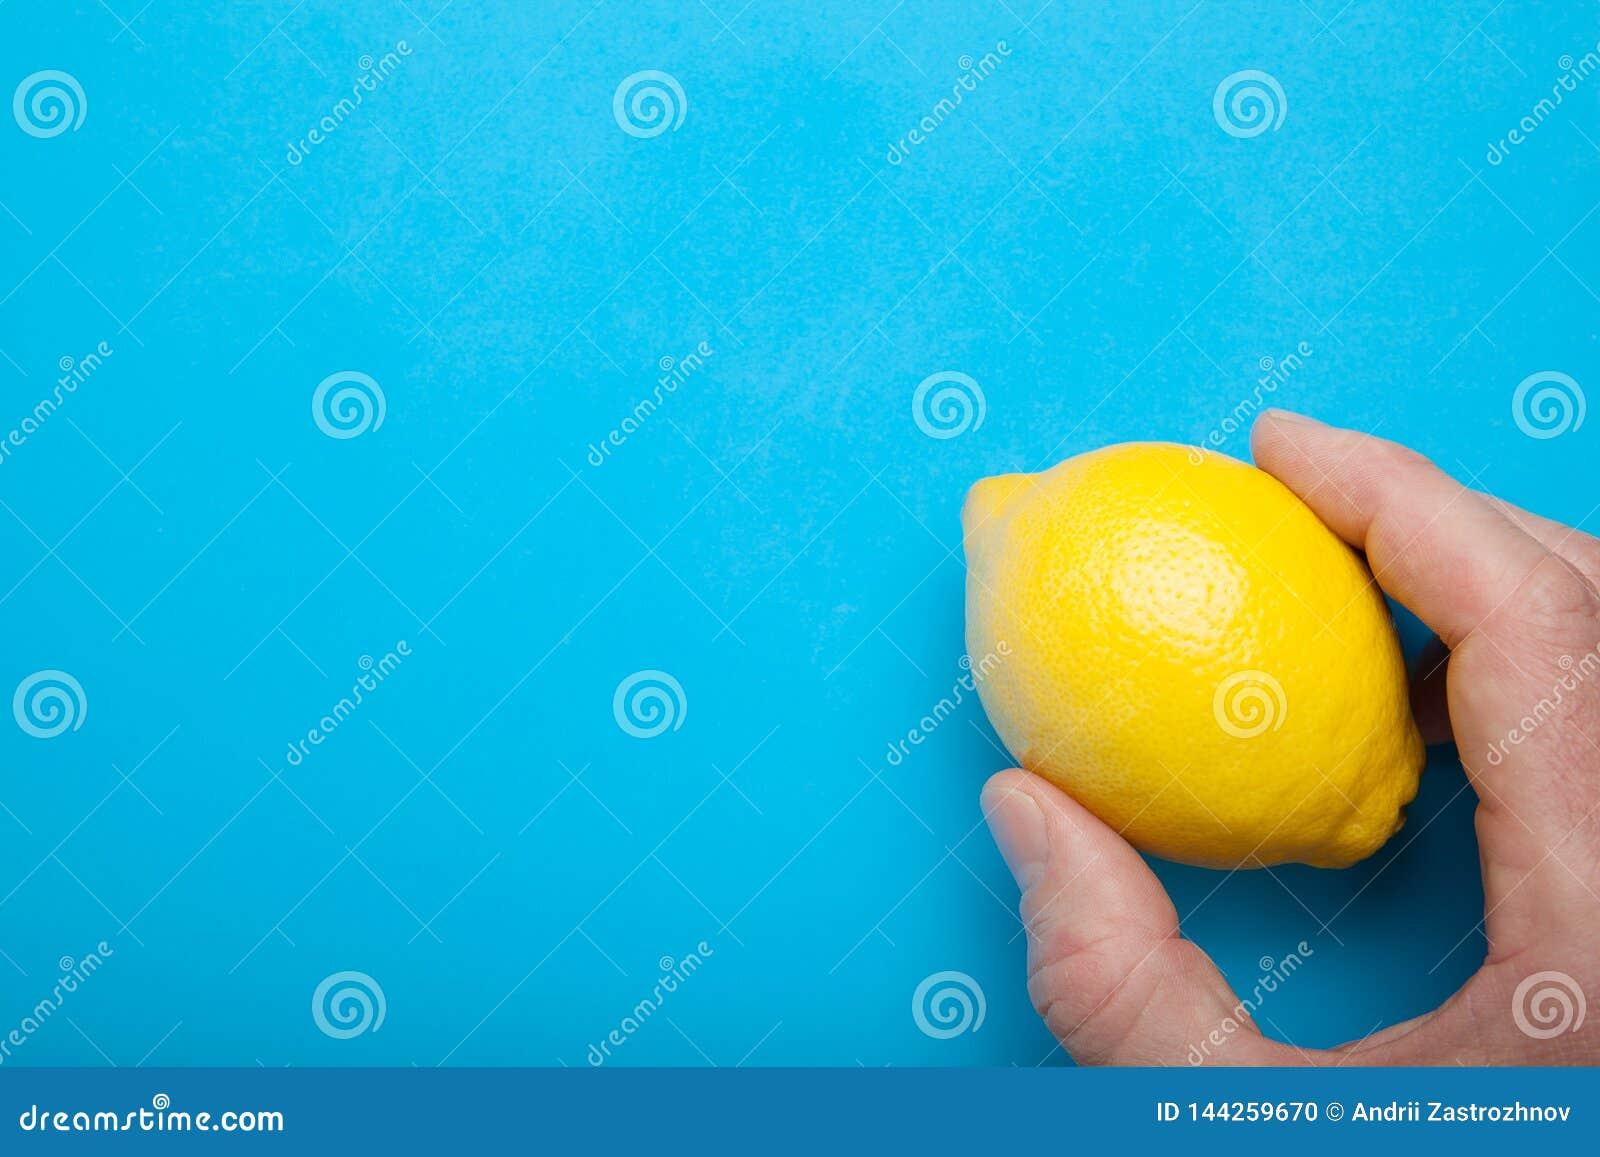 Teil Vitamine in der hand- gelben Zitrone auf einem blauen Hintergrund